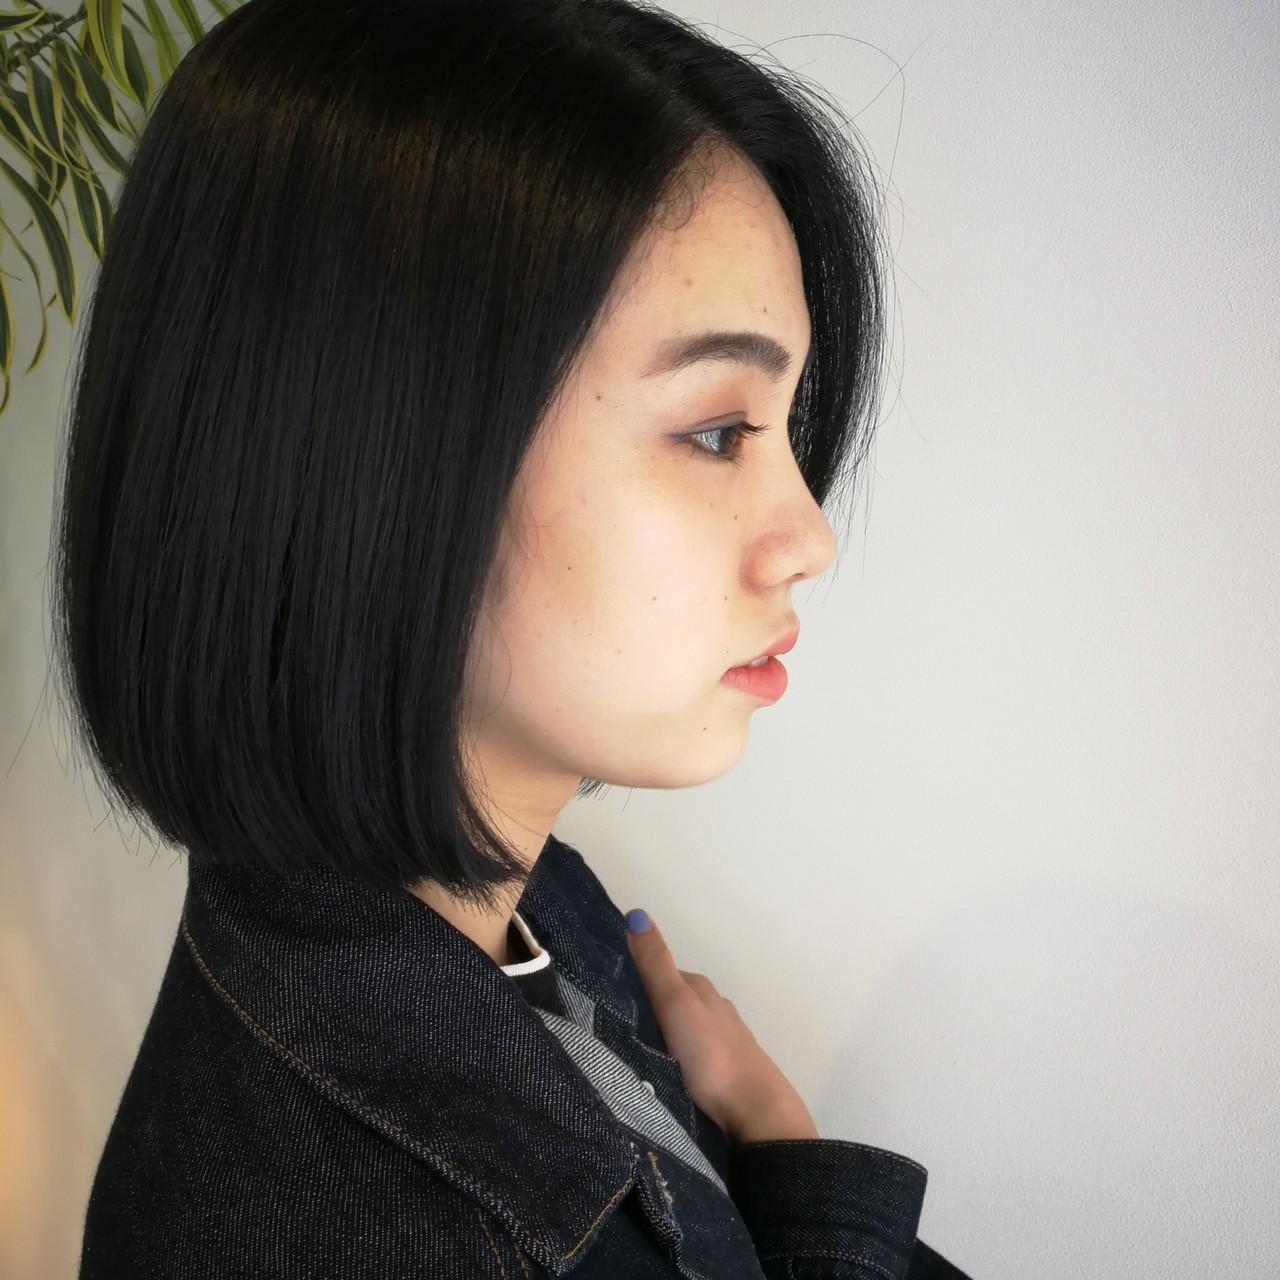 ボブ 黒髪 ヘアカラー スモーキーカラー ヘアスタイルや髪型の写真・画像 | Saori Kastuki / holic